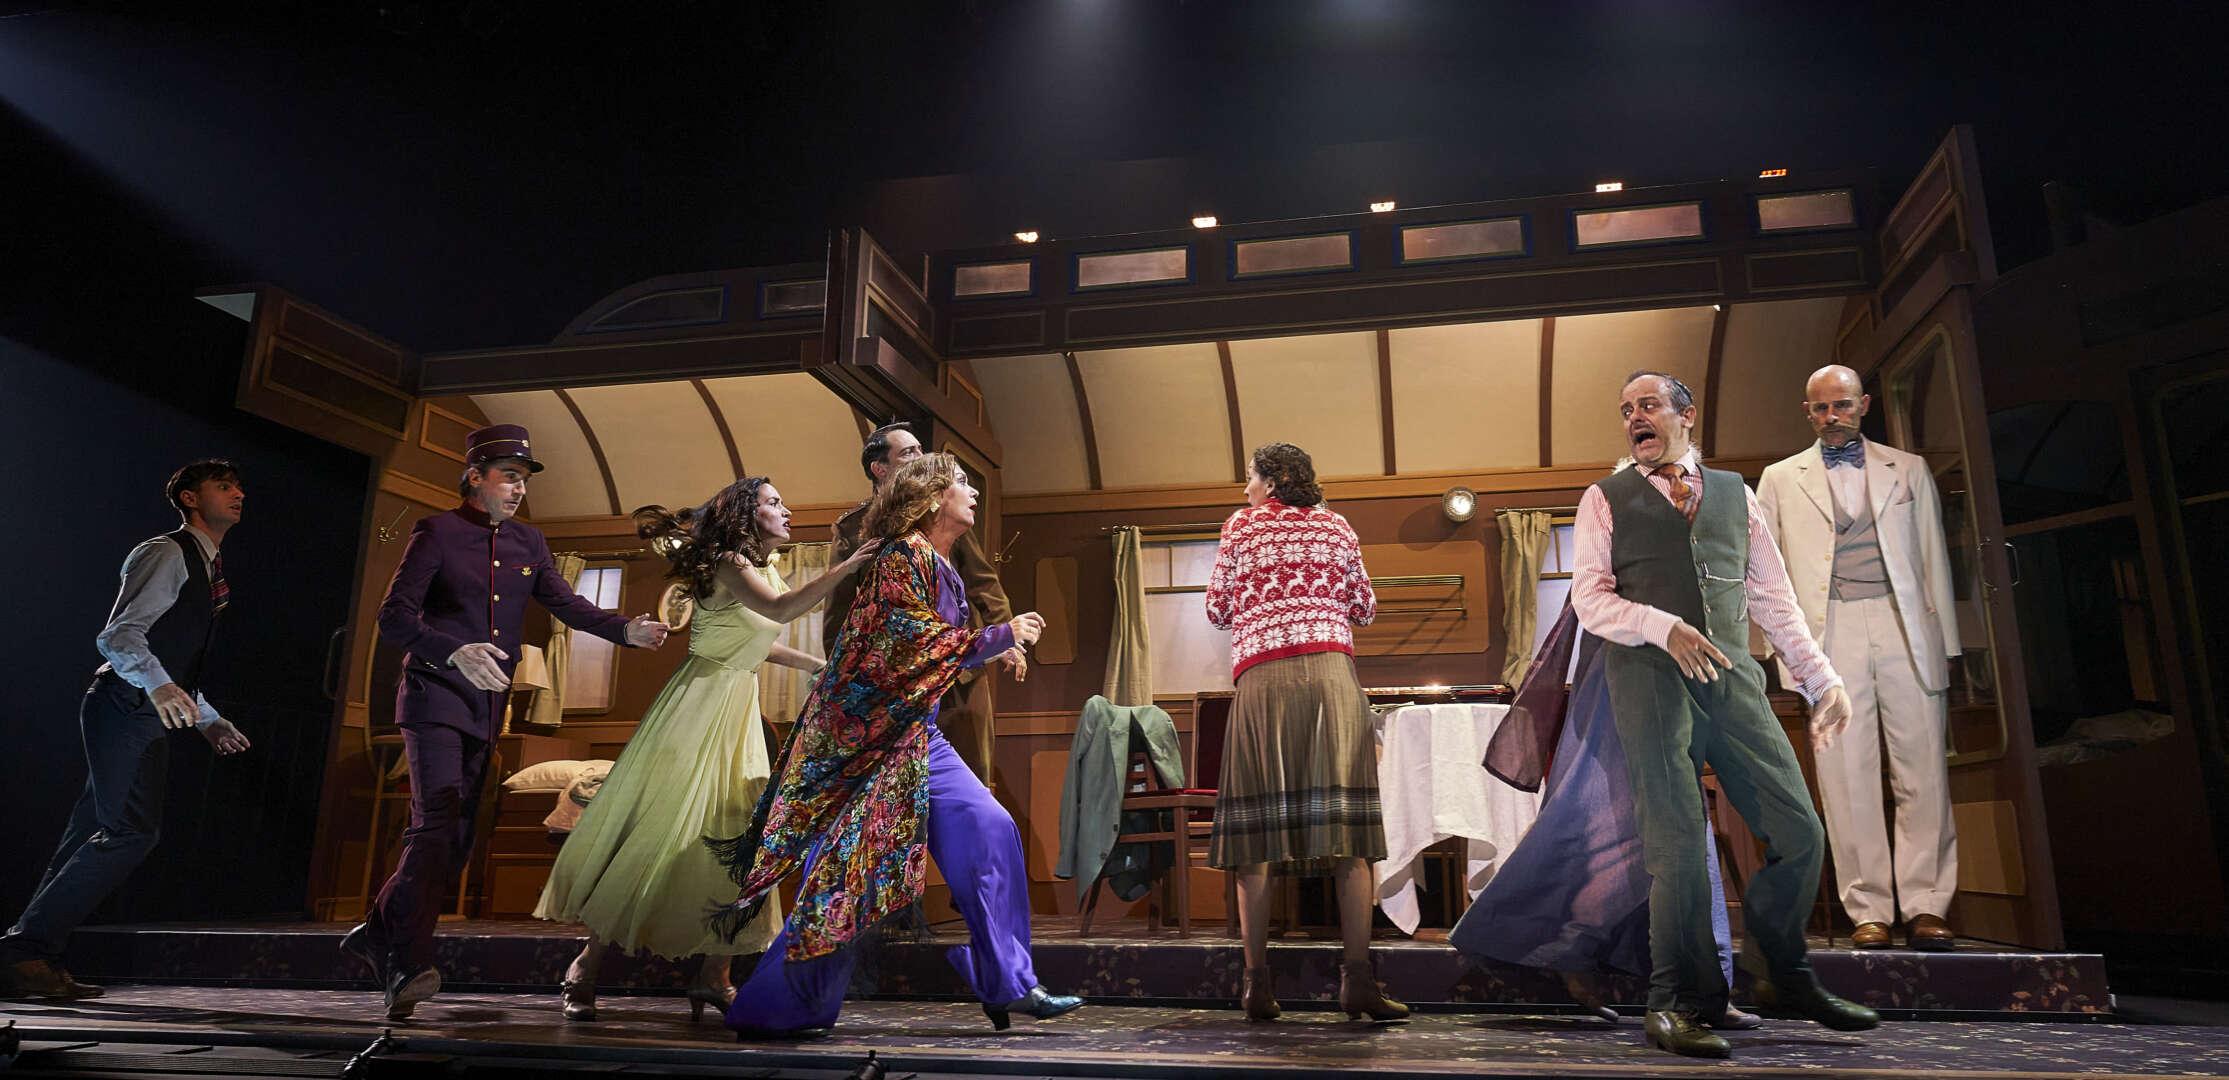 Assassinat a l'Orient Express, Focus, escena, actors